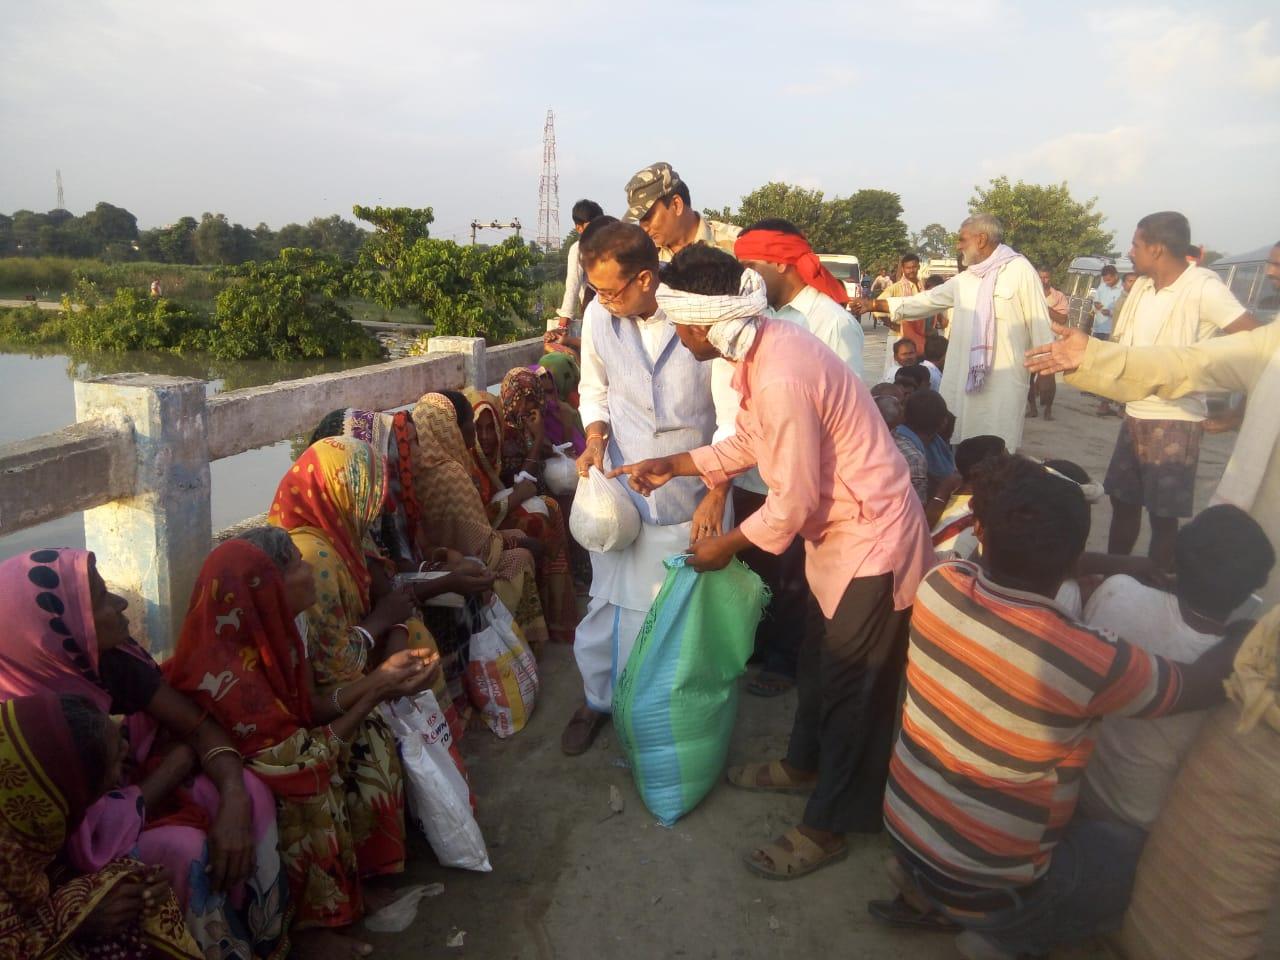 हिंदी समाचार | बछवाडा़ के दियारा में महज़ कालापानी की सजा भुगत रहे बाढ़ पिडी़तों का सहारा बने विनय सिंह